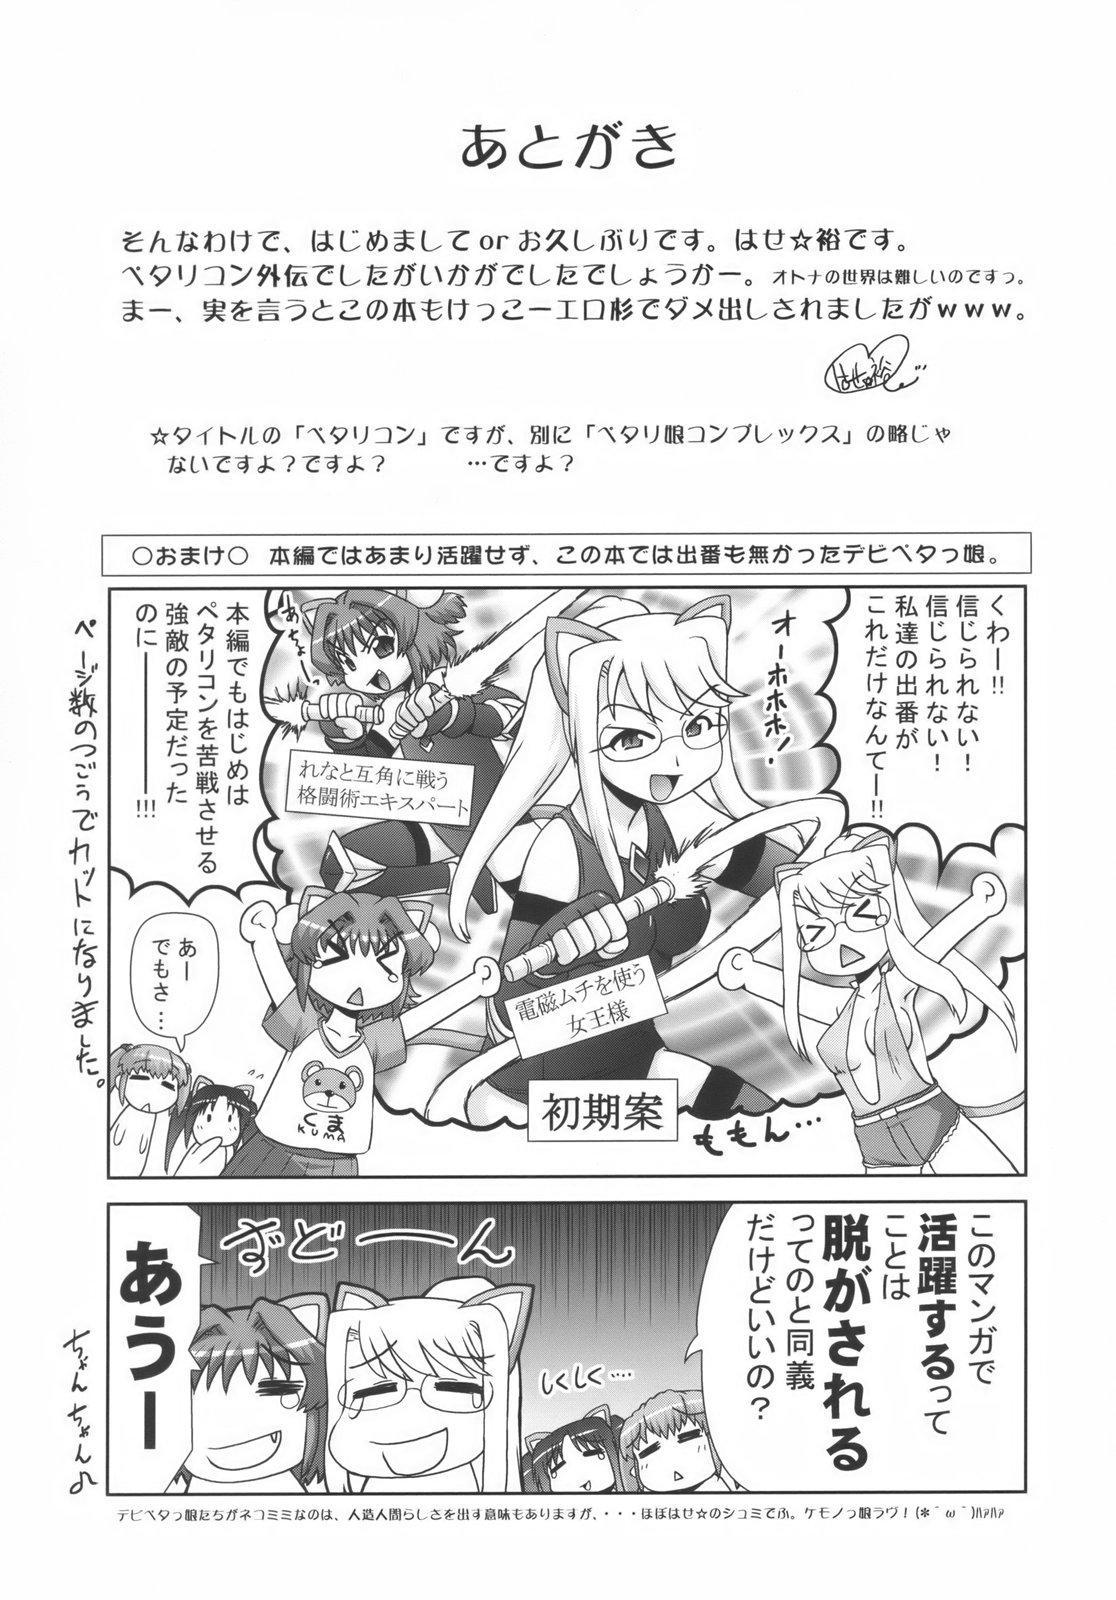 Bishoujo Sentai Petalicon gaiden 39